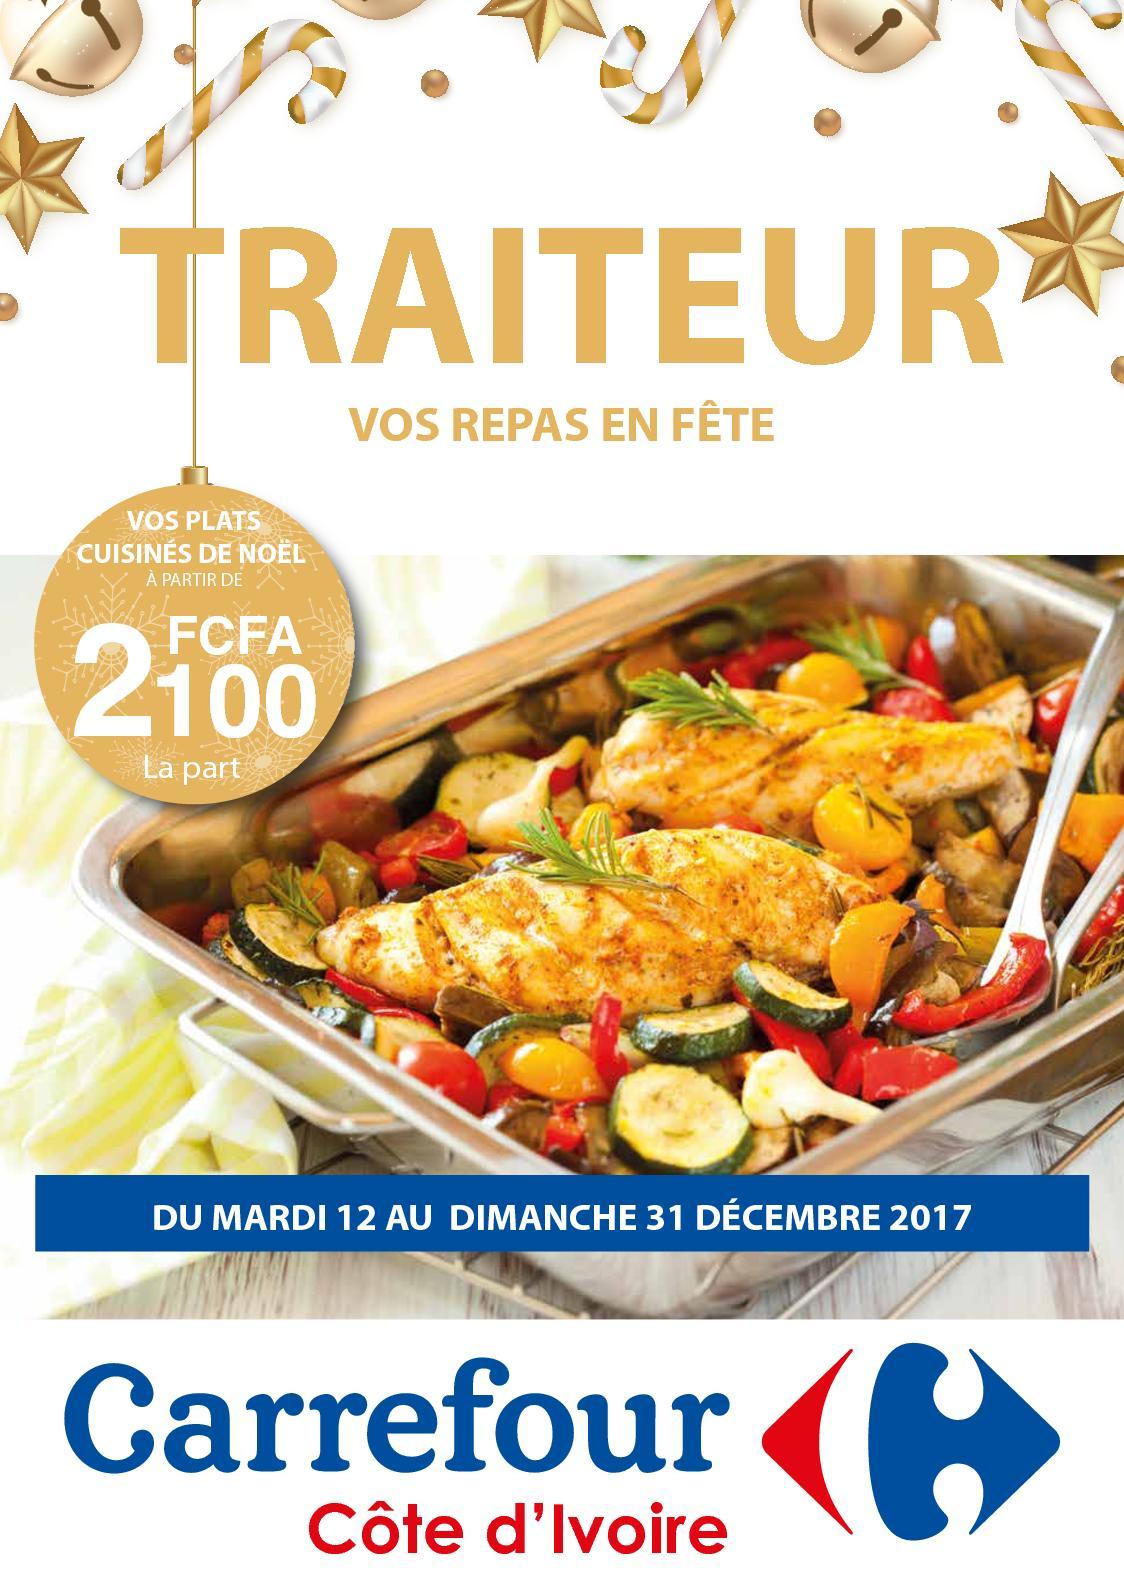 Carte traiteur noel carrefour - Apizen.fr